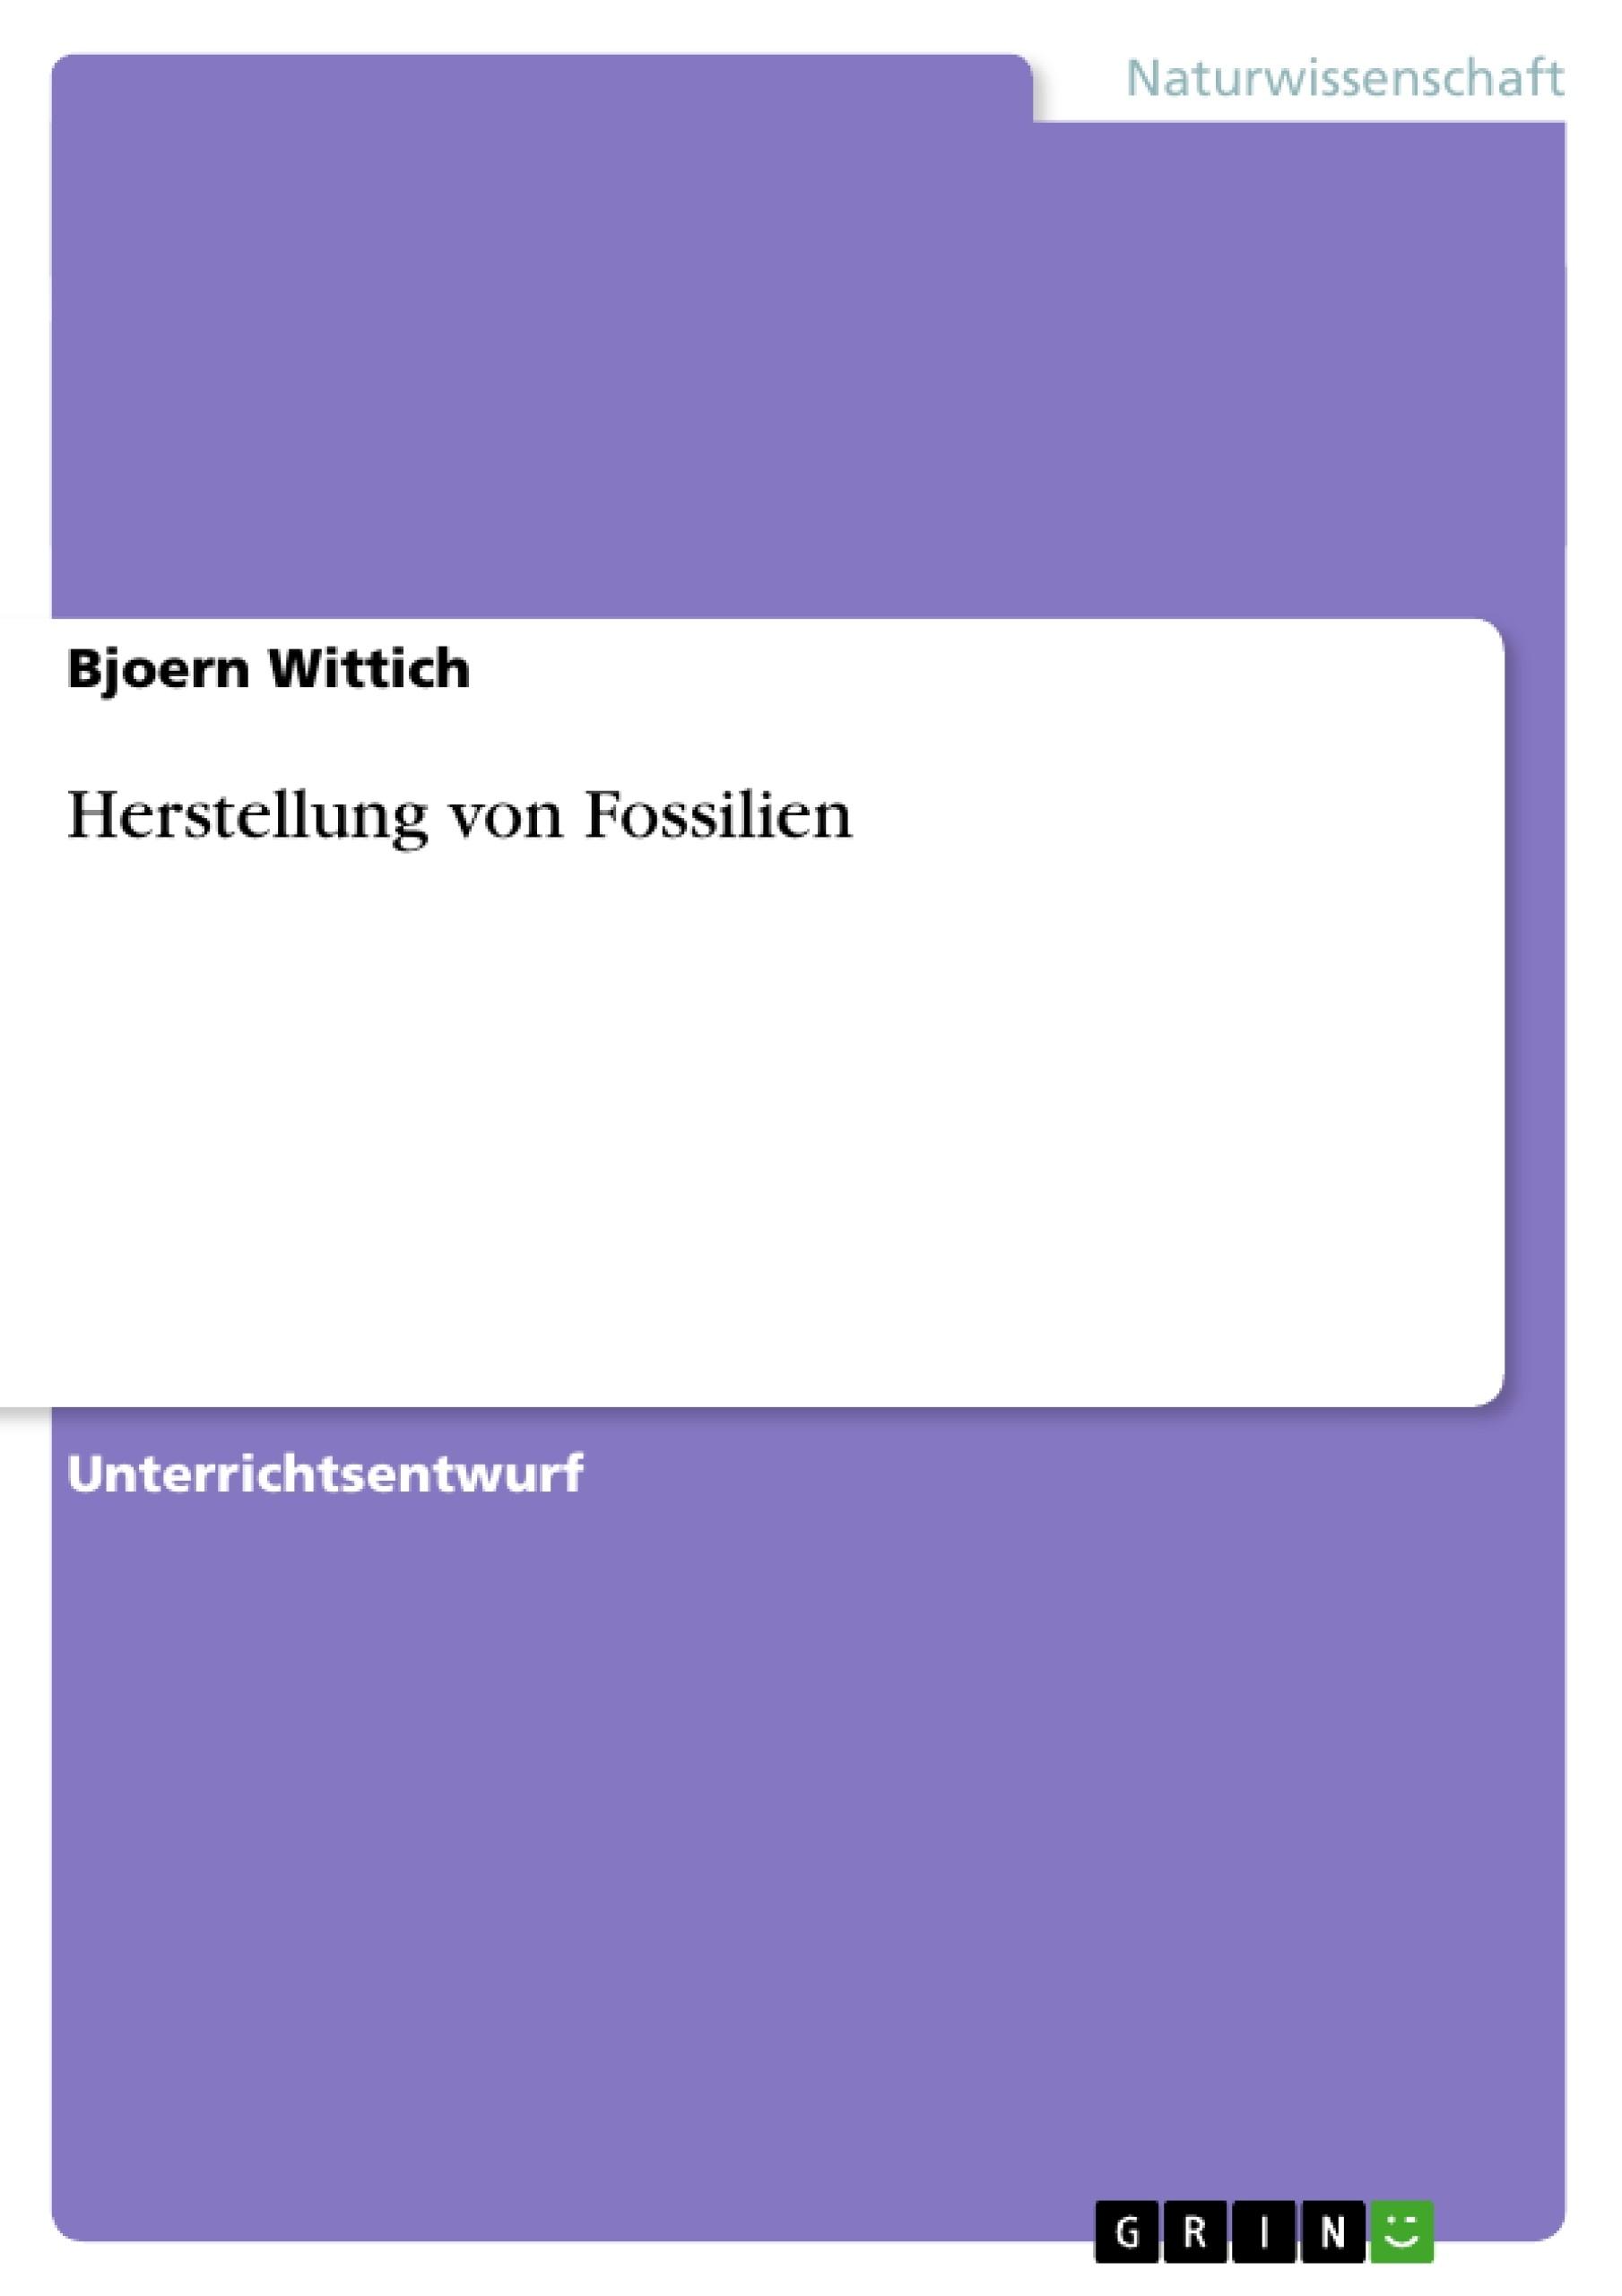 Herstellung von Fossilien | Masterarbeit, Hausarbeit, Bachelorarbeit ...